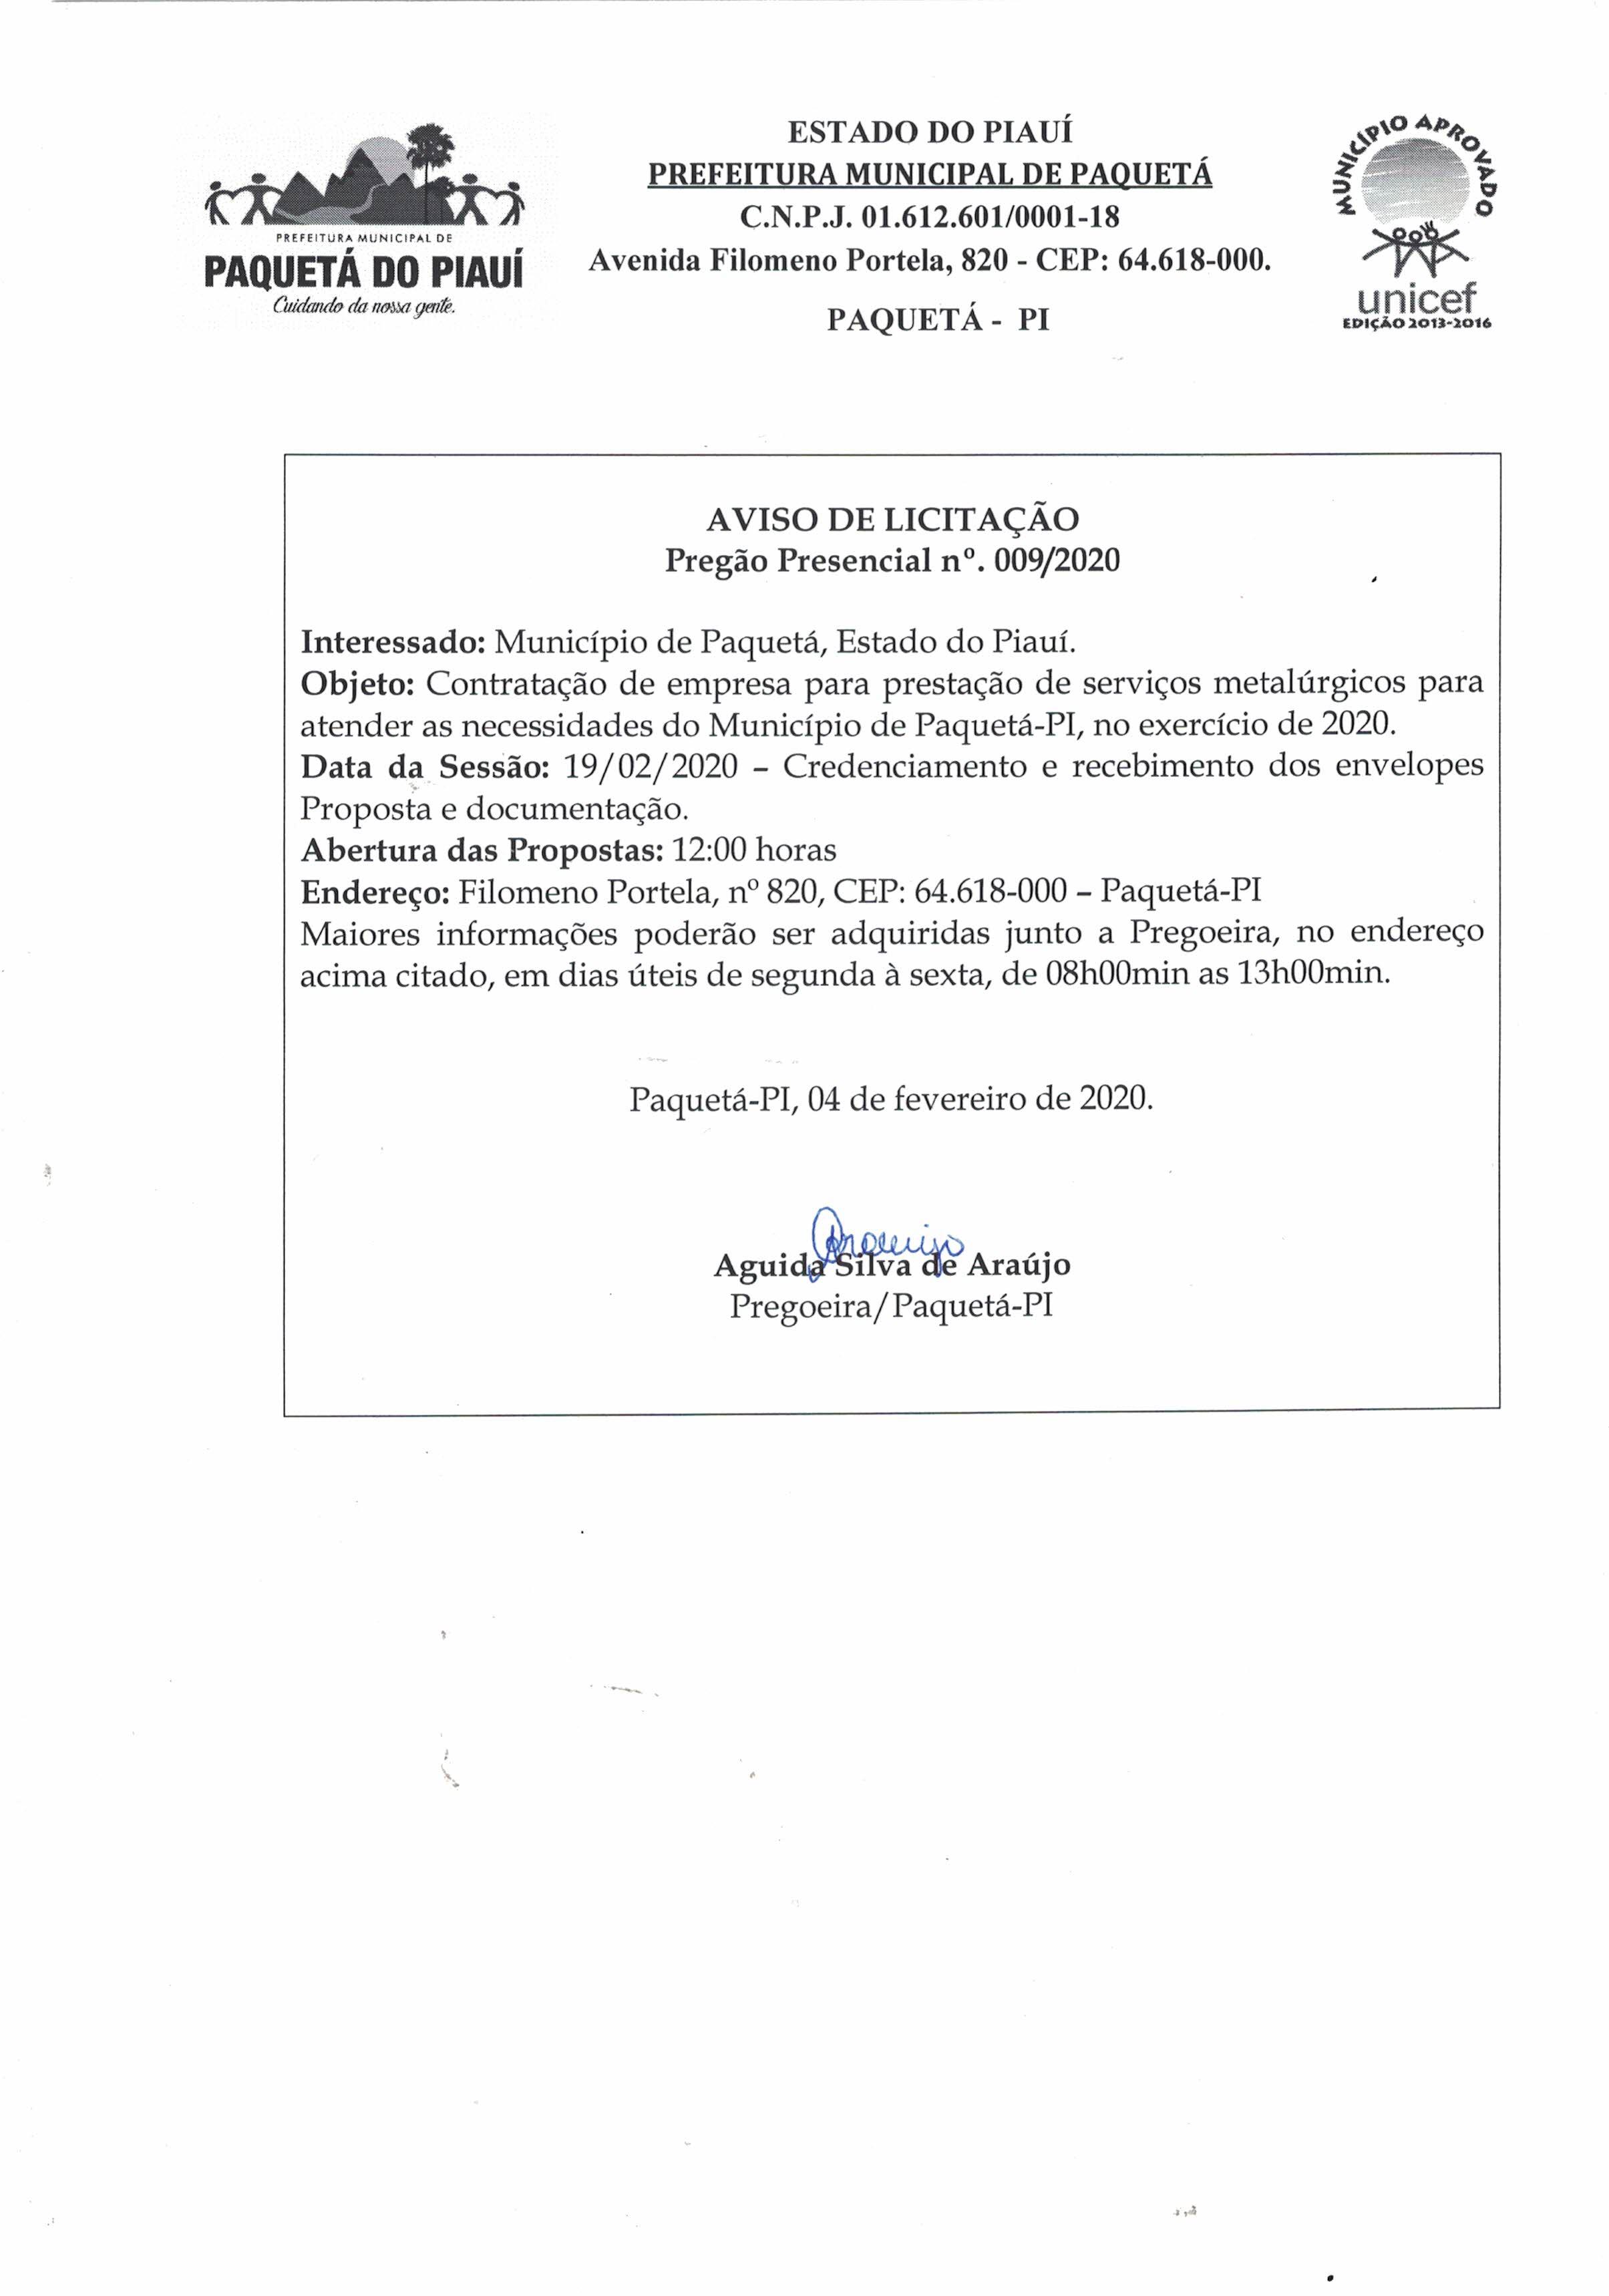 PMSP-IMG-ea6bebabc1383e533ee.jpg